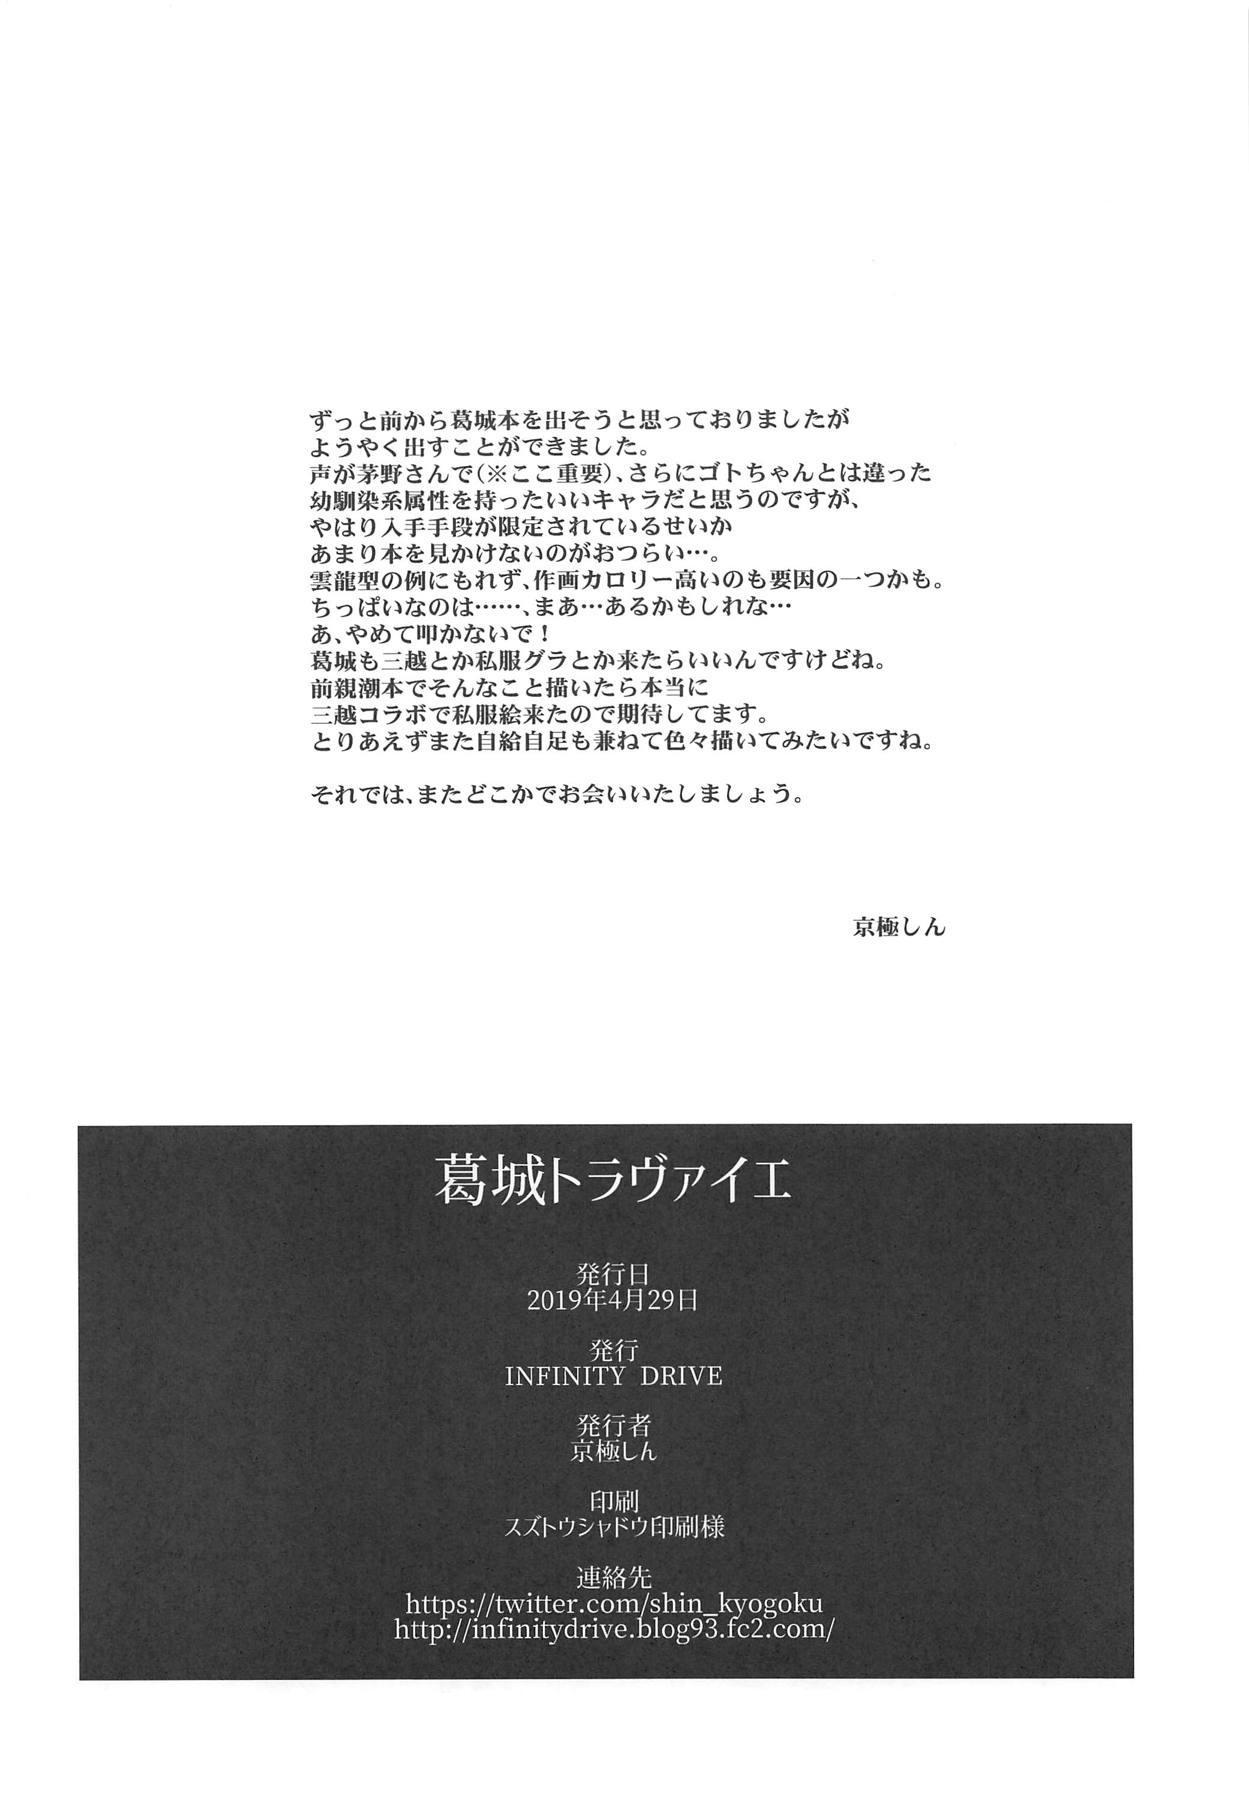 Katsuragi Travailler 20